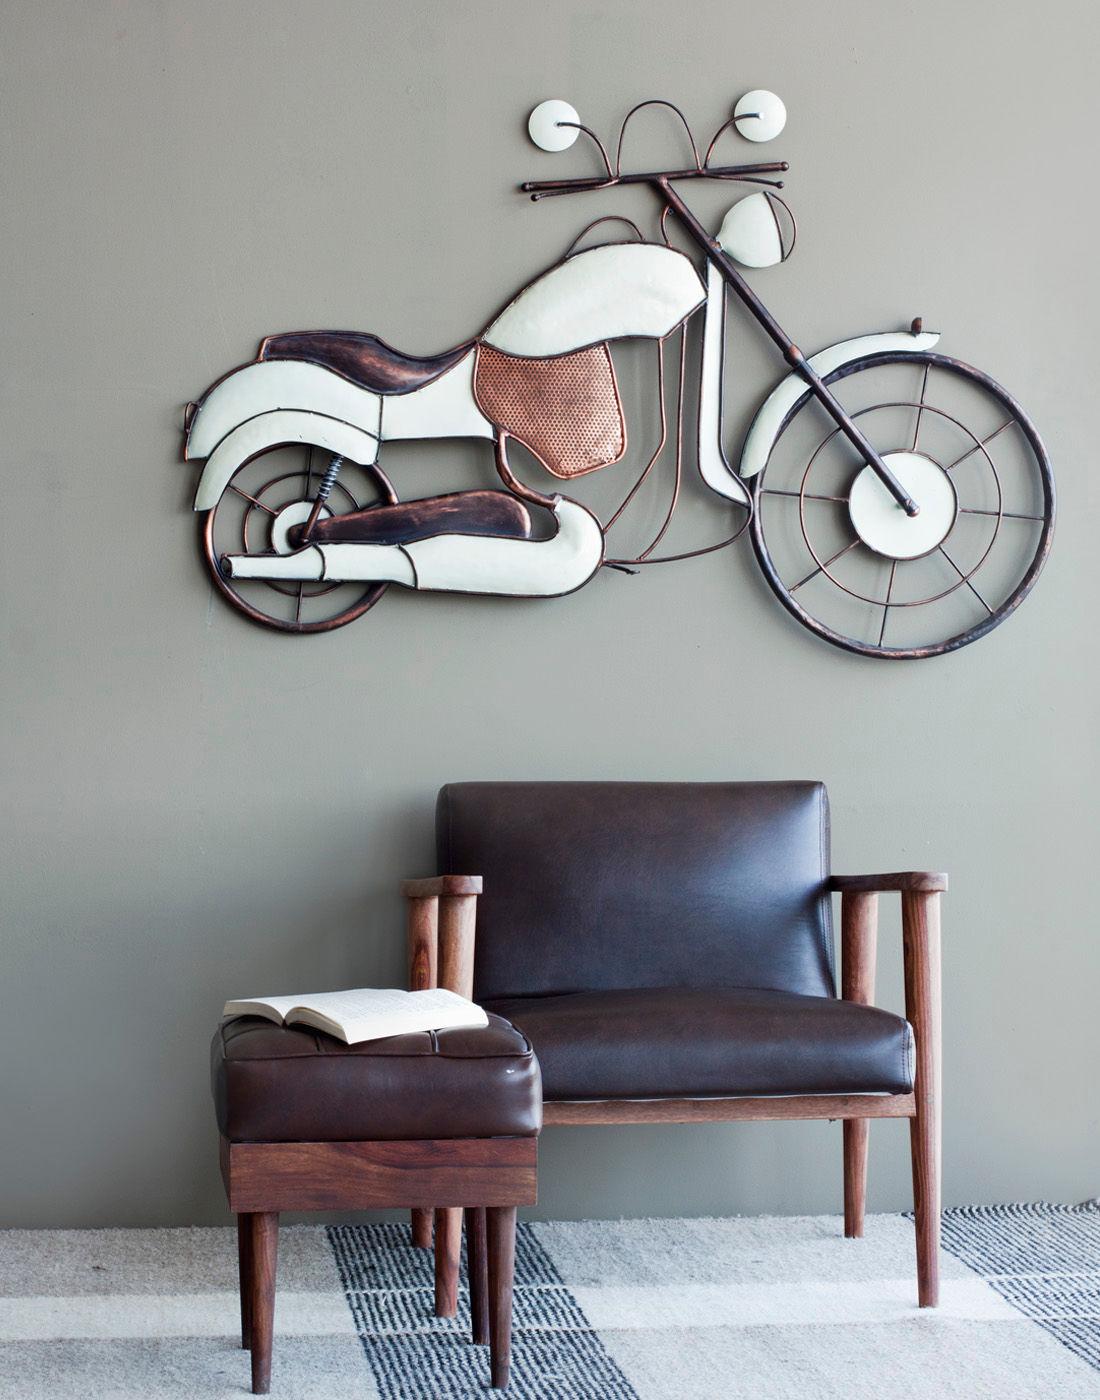 Bike wall decor white copper ot0023g